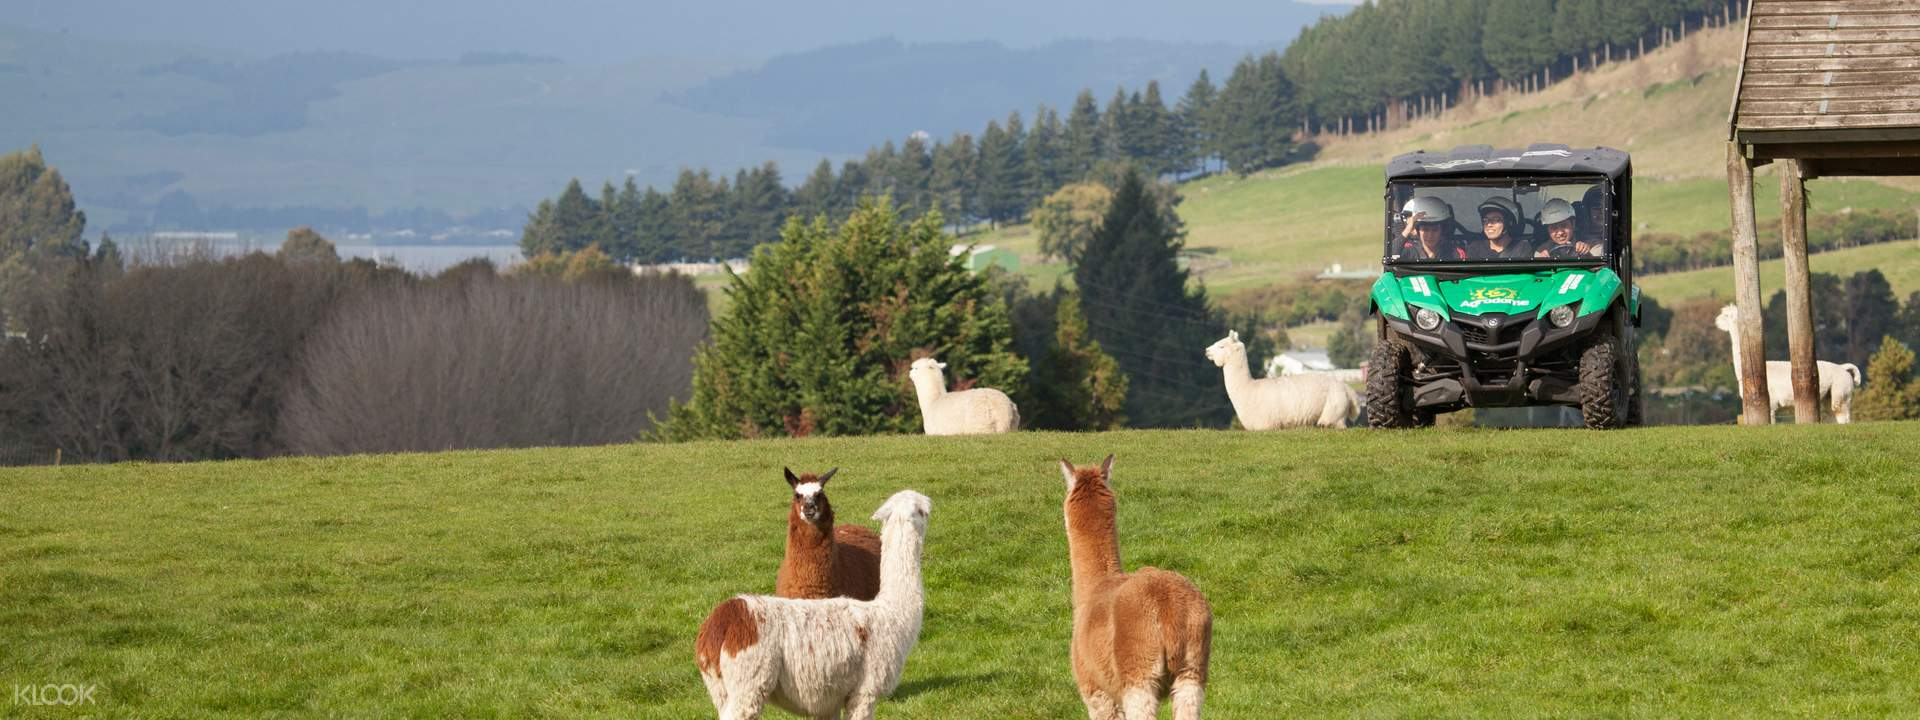 Honey Farm South Island New Zealand